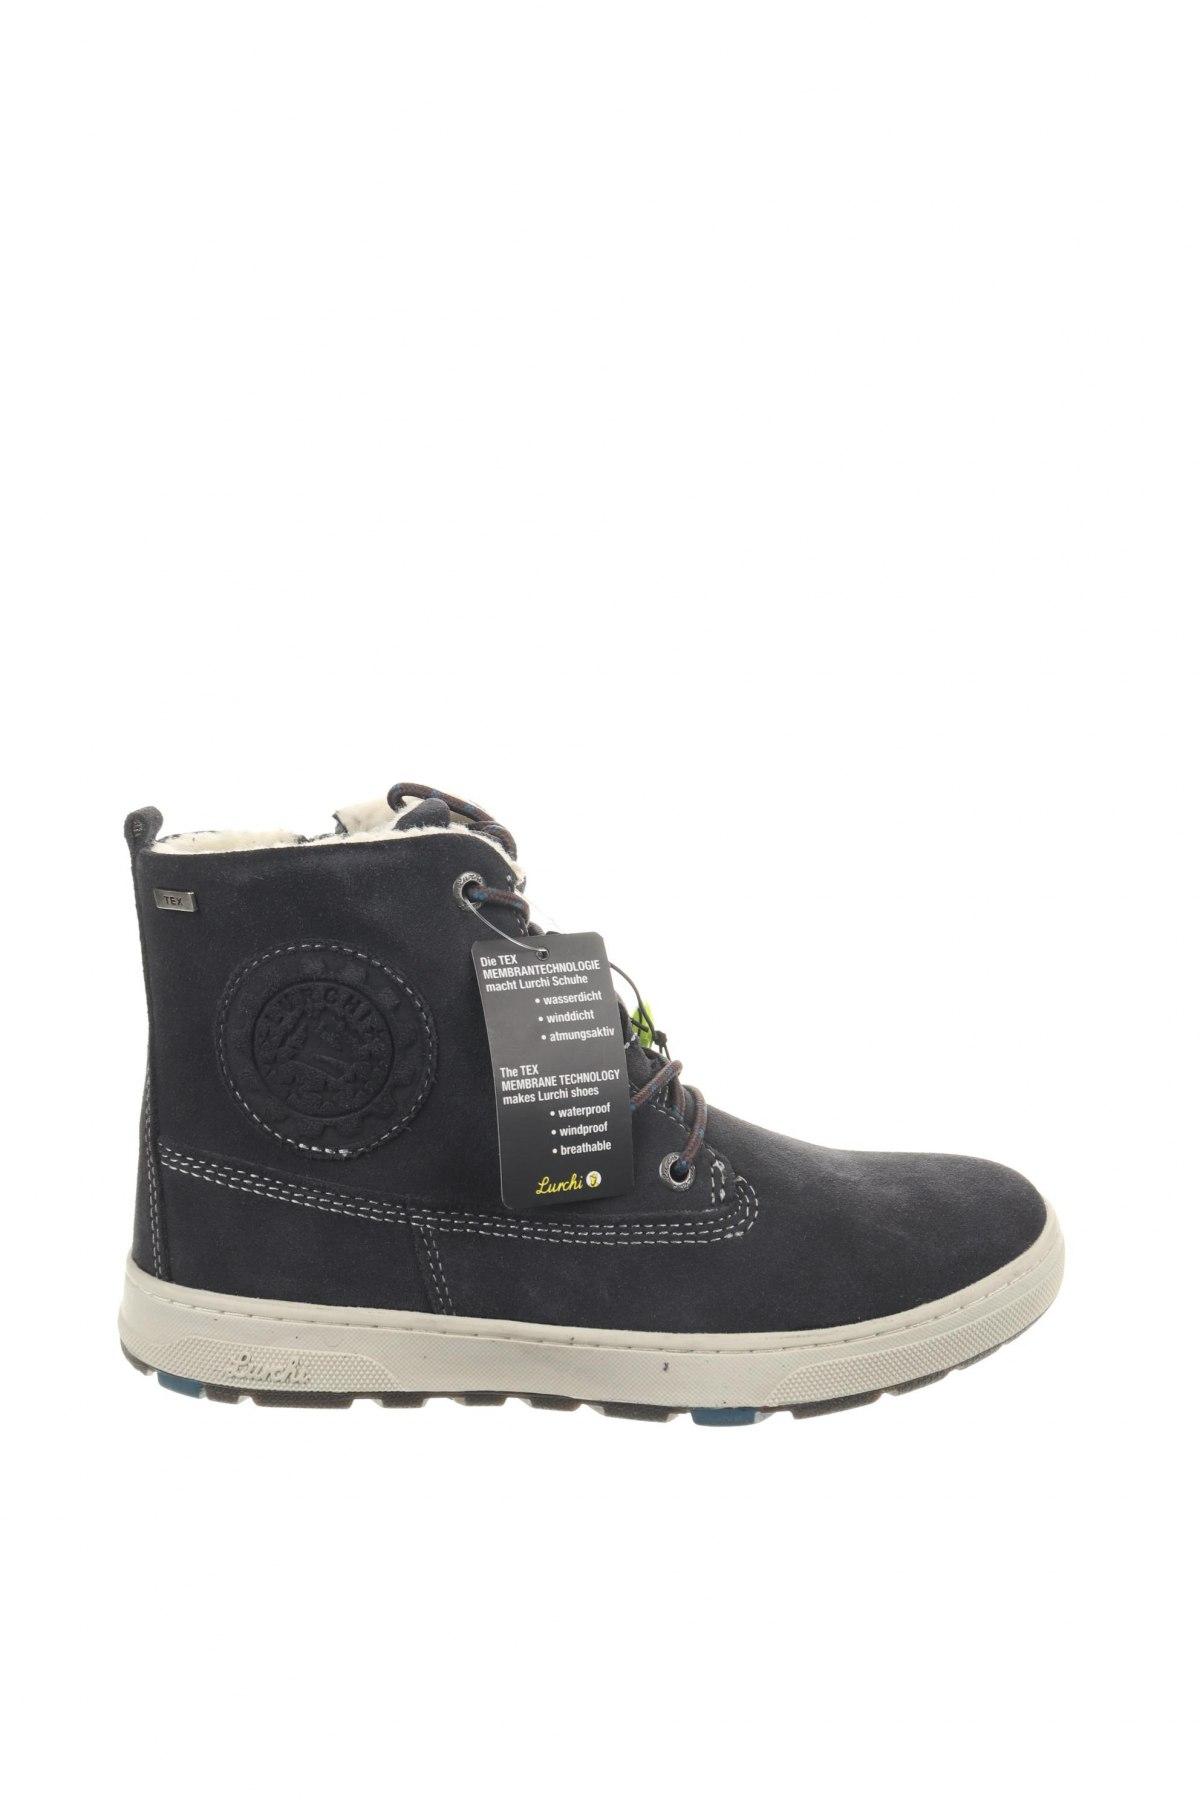 Παιδικά παπούτσια Lurchi, Μέγεθος 34, Χρώμα Γκρί, Φυσικό σουέτ, Τιμή 46,01€